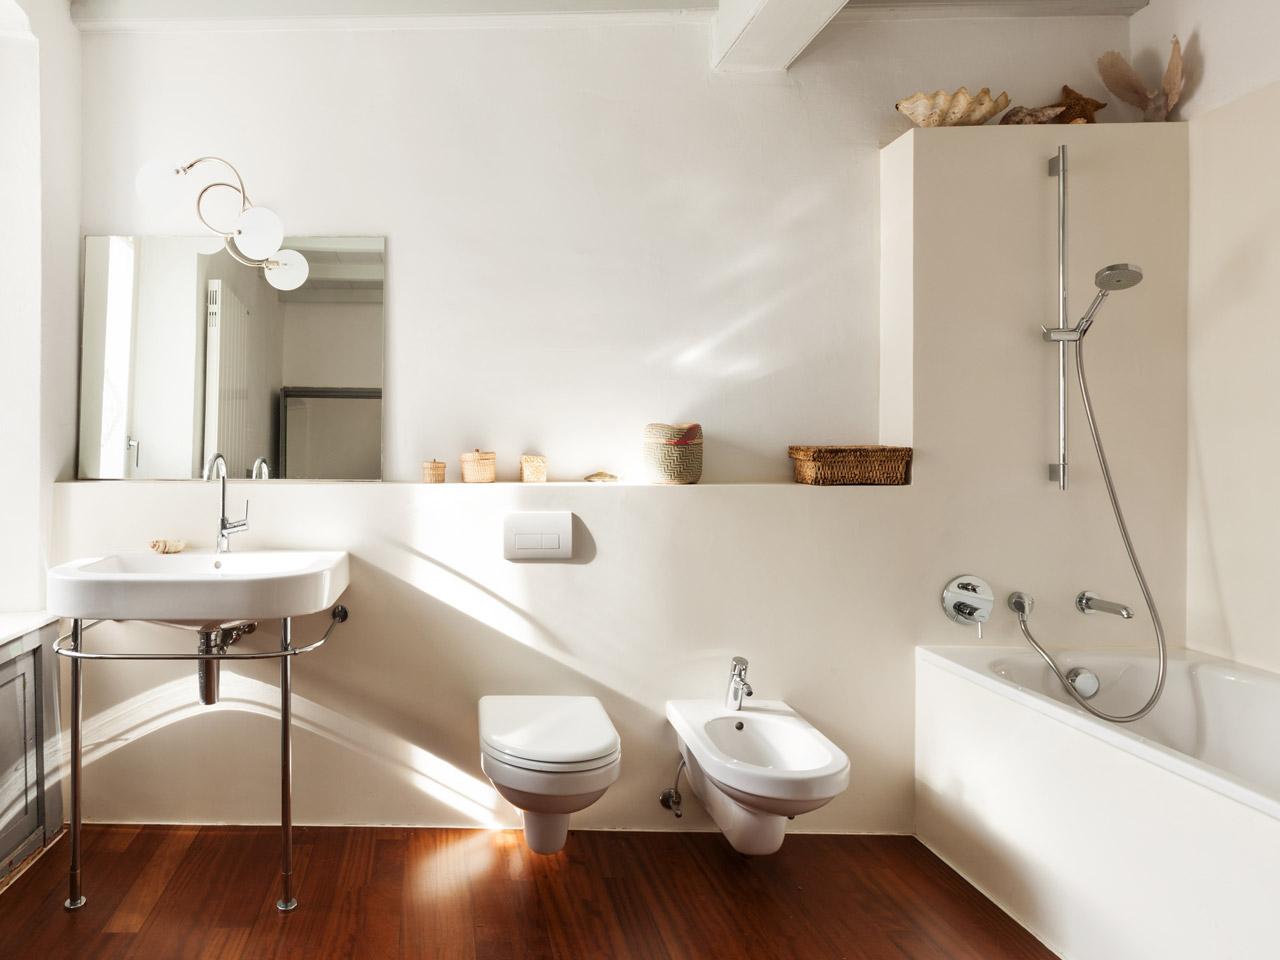 Badezimmer Deko Edel | Unglaubliche Badezimmer Deko Ideen